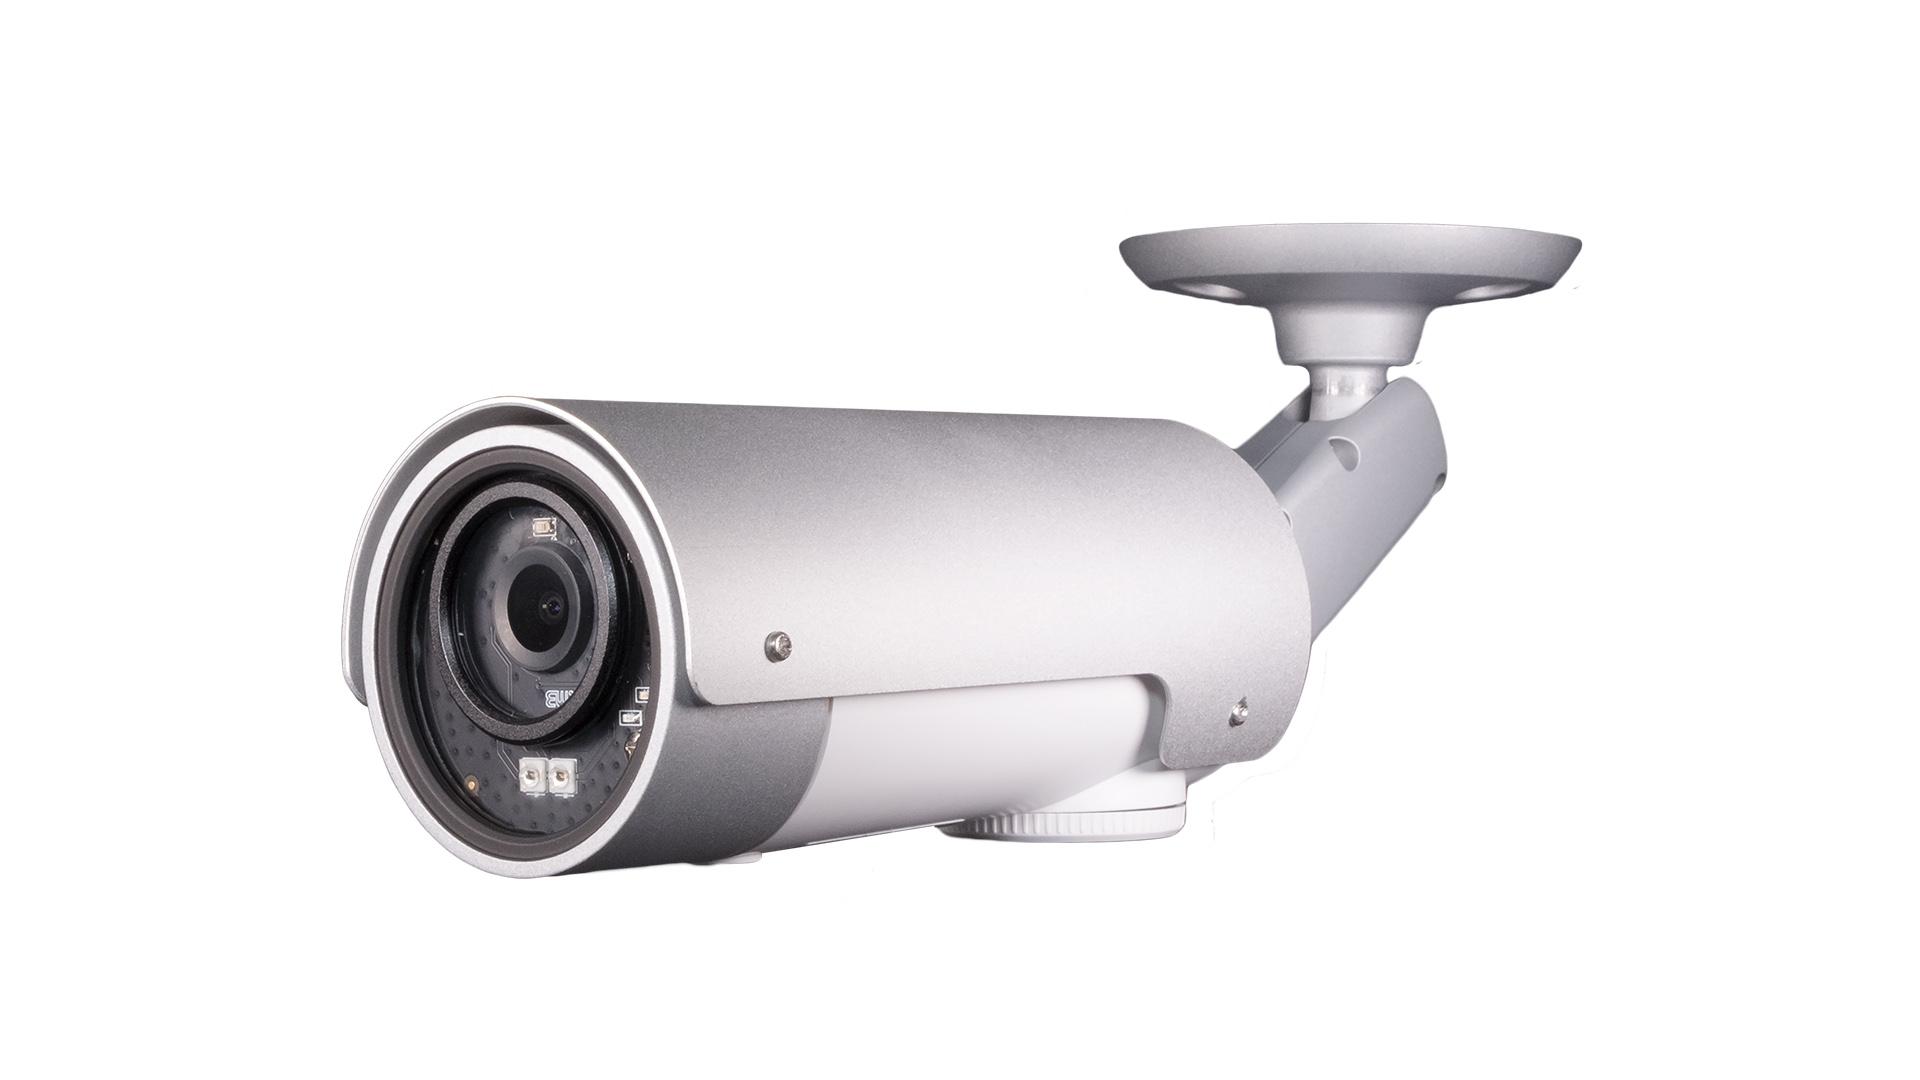 2.1メガピクセル防水バレット型ネットワークカメラ